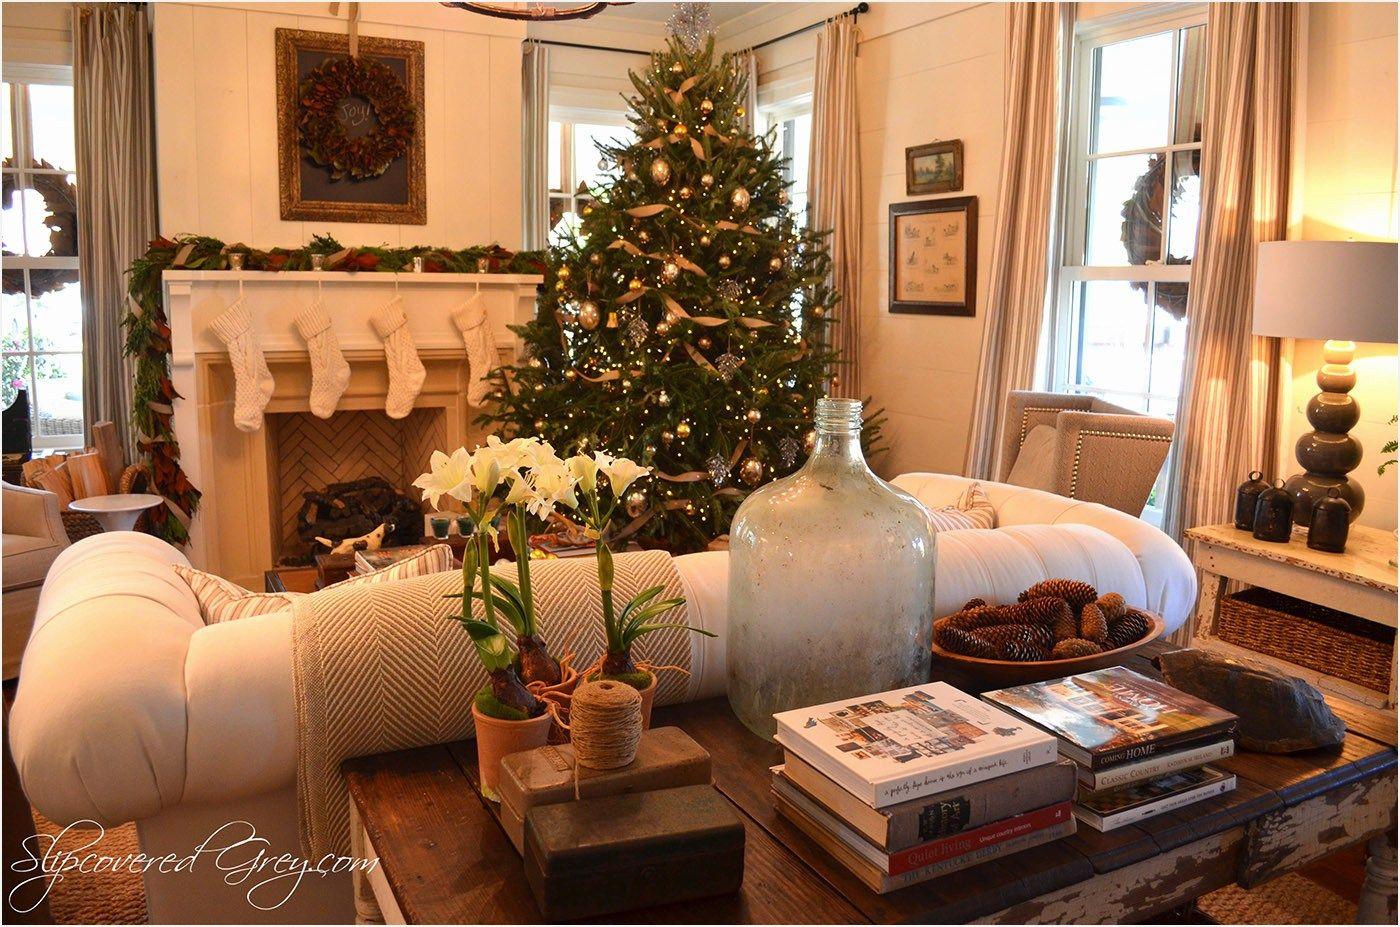 19 Festive Christmas Living Room Decor Ideas Elegant Christmas Decor Red Christmas Decor Christmas Decorations Living Room